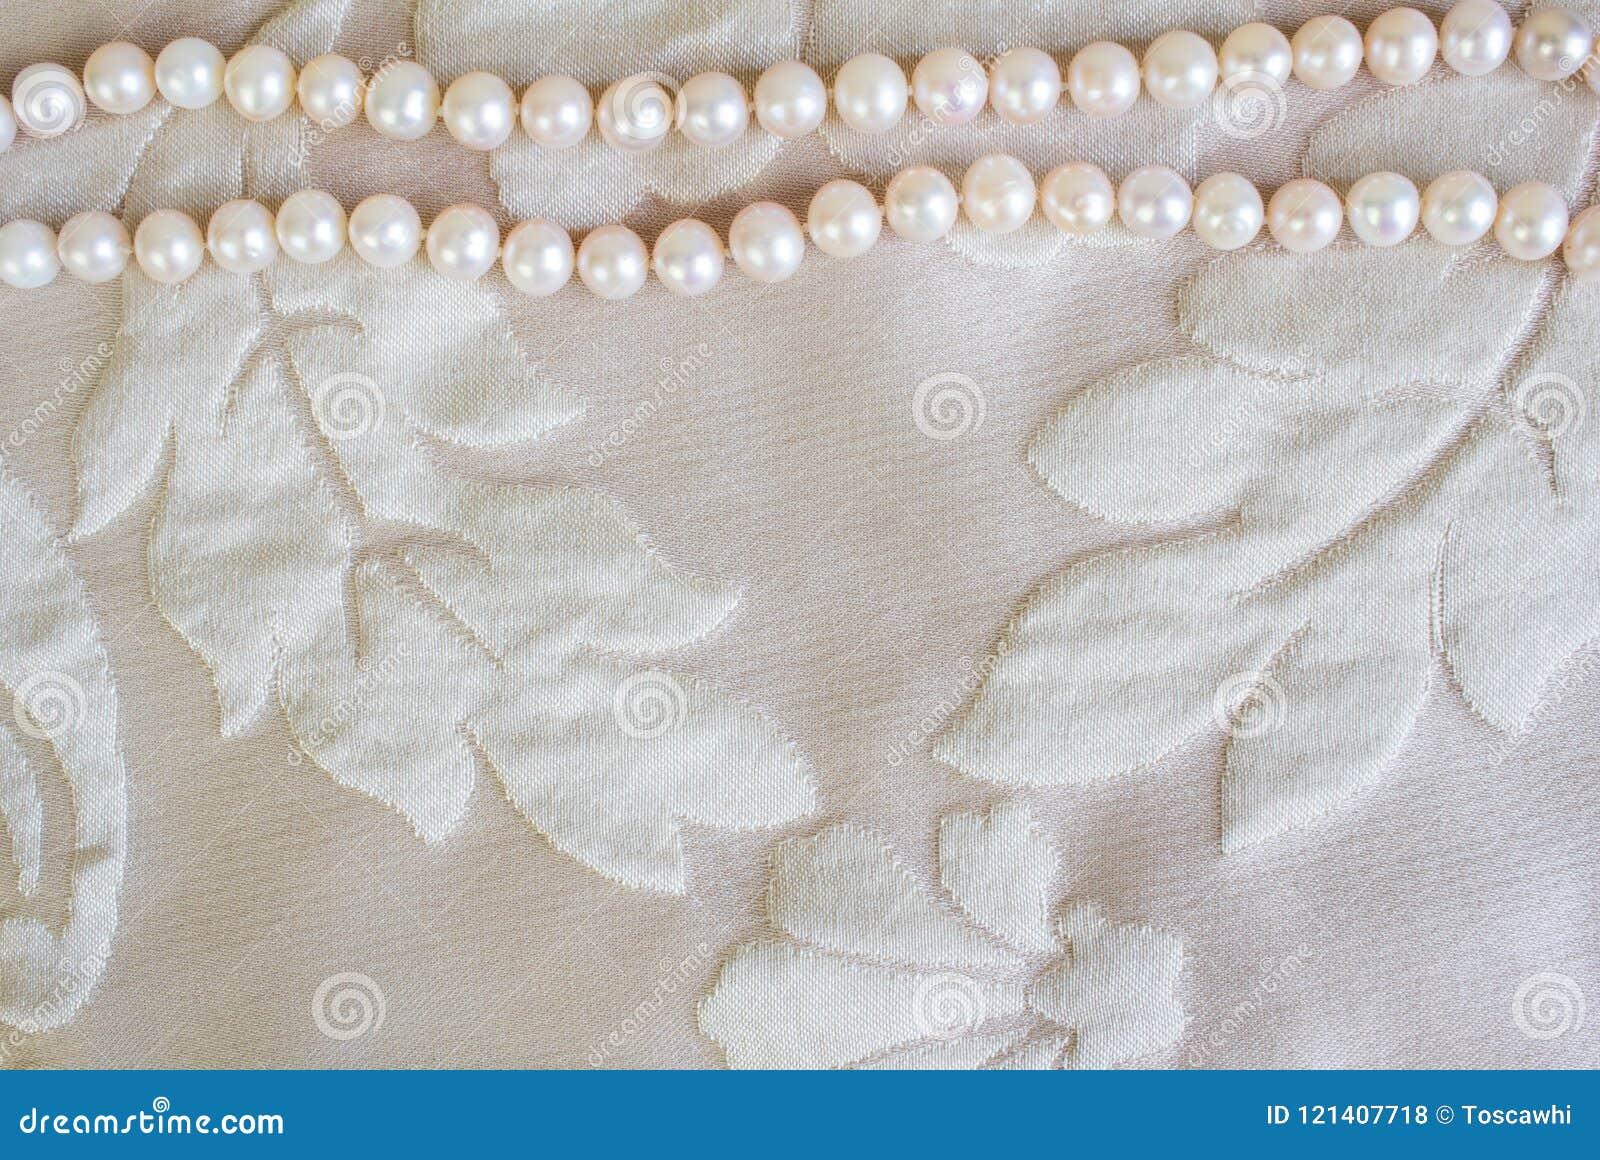 成珠状在缎织品纹理背景的项链与空间为